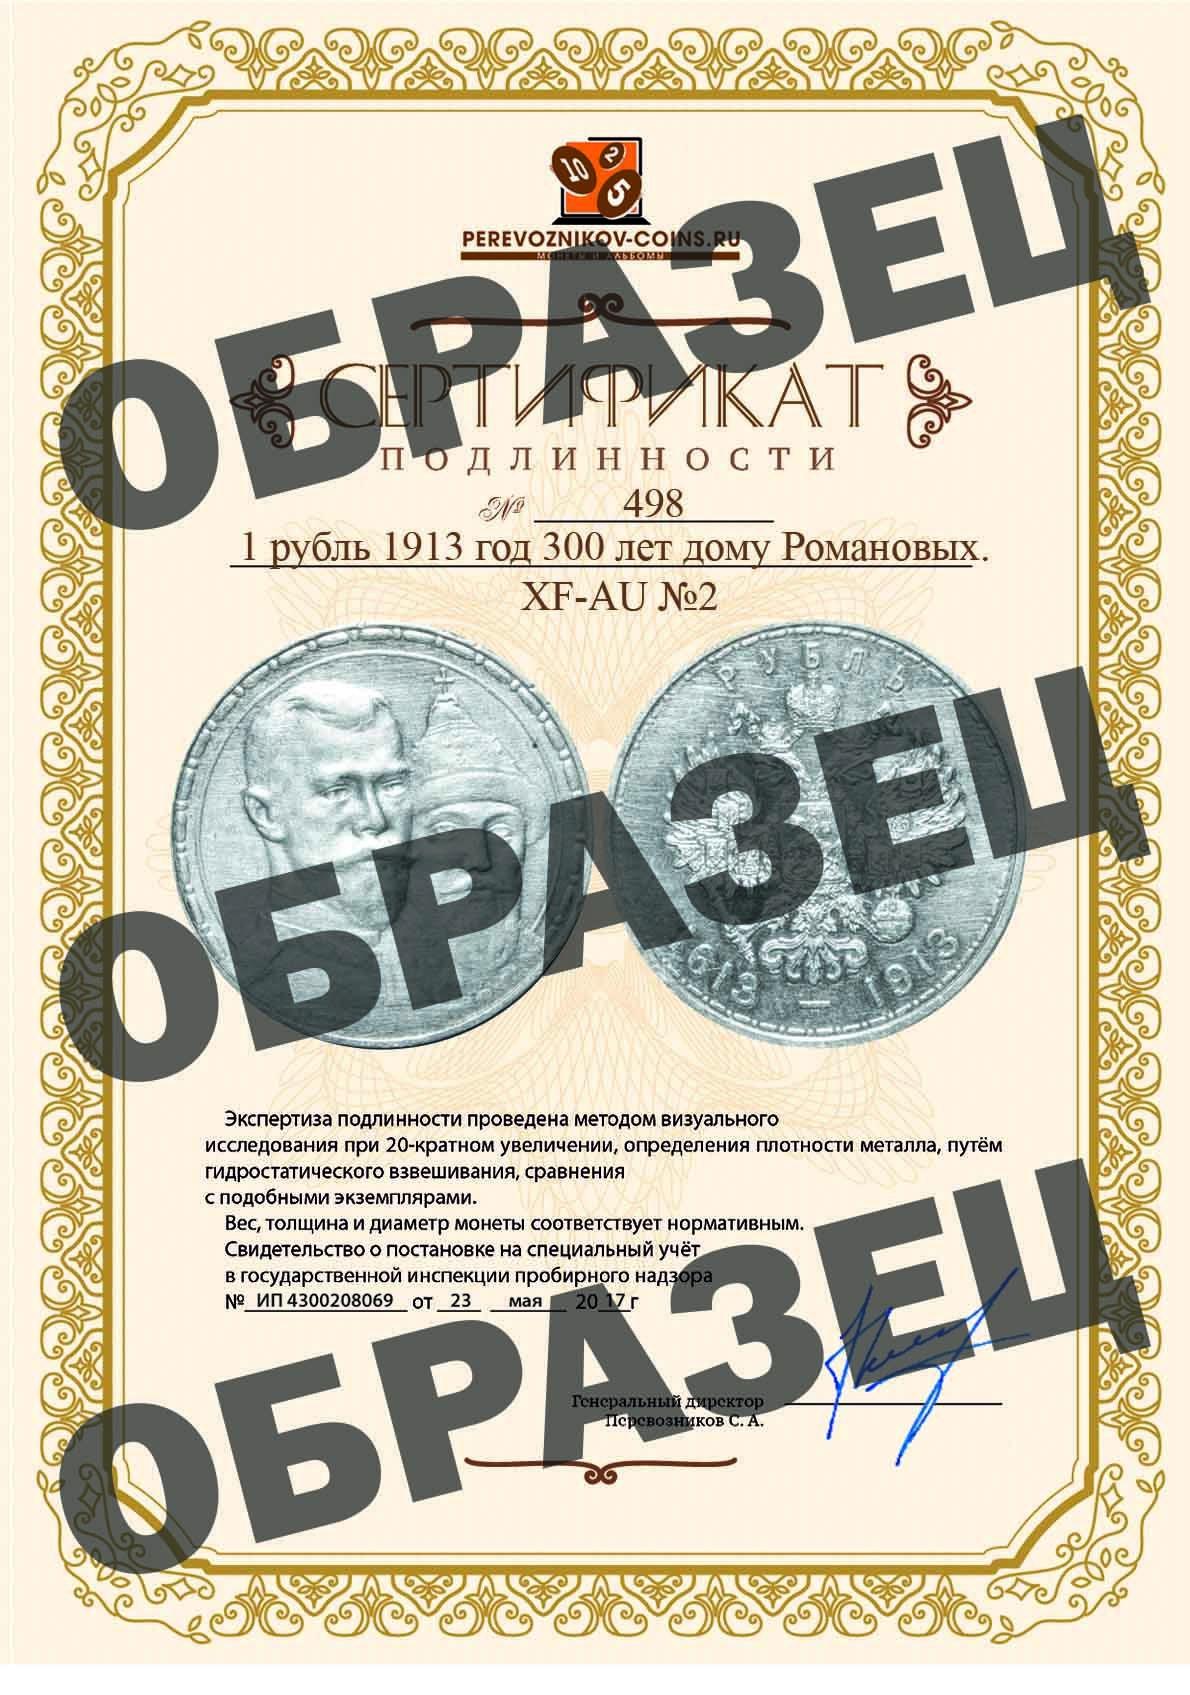 1 рубль 1913 год 300 лет дому Романовых. XF-AU №2